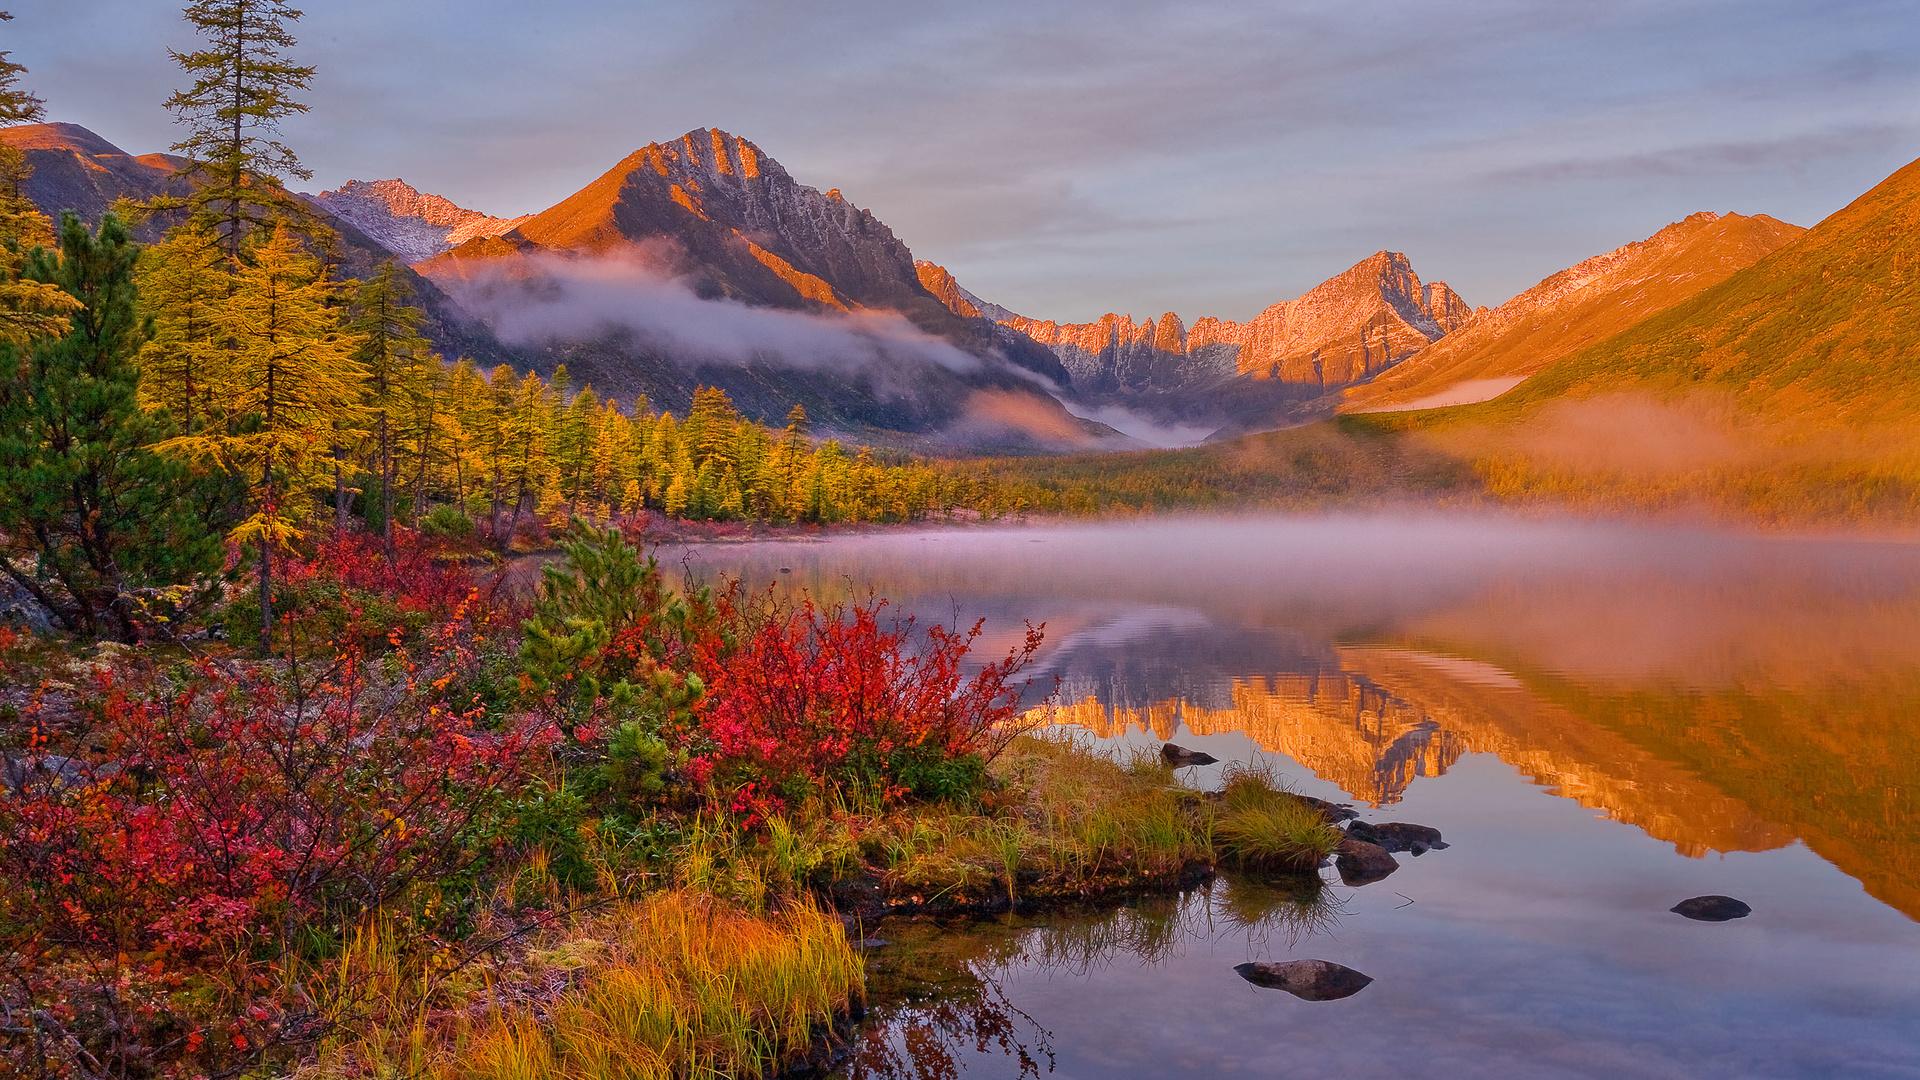 осень, облака, пейзаж, горы, природа, туман, озеро, невидимка, растительность, владимир рябков, колыма